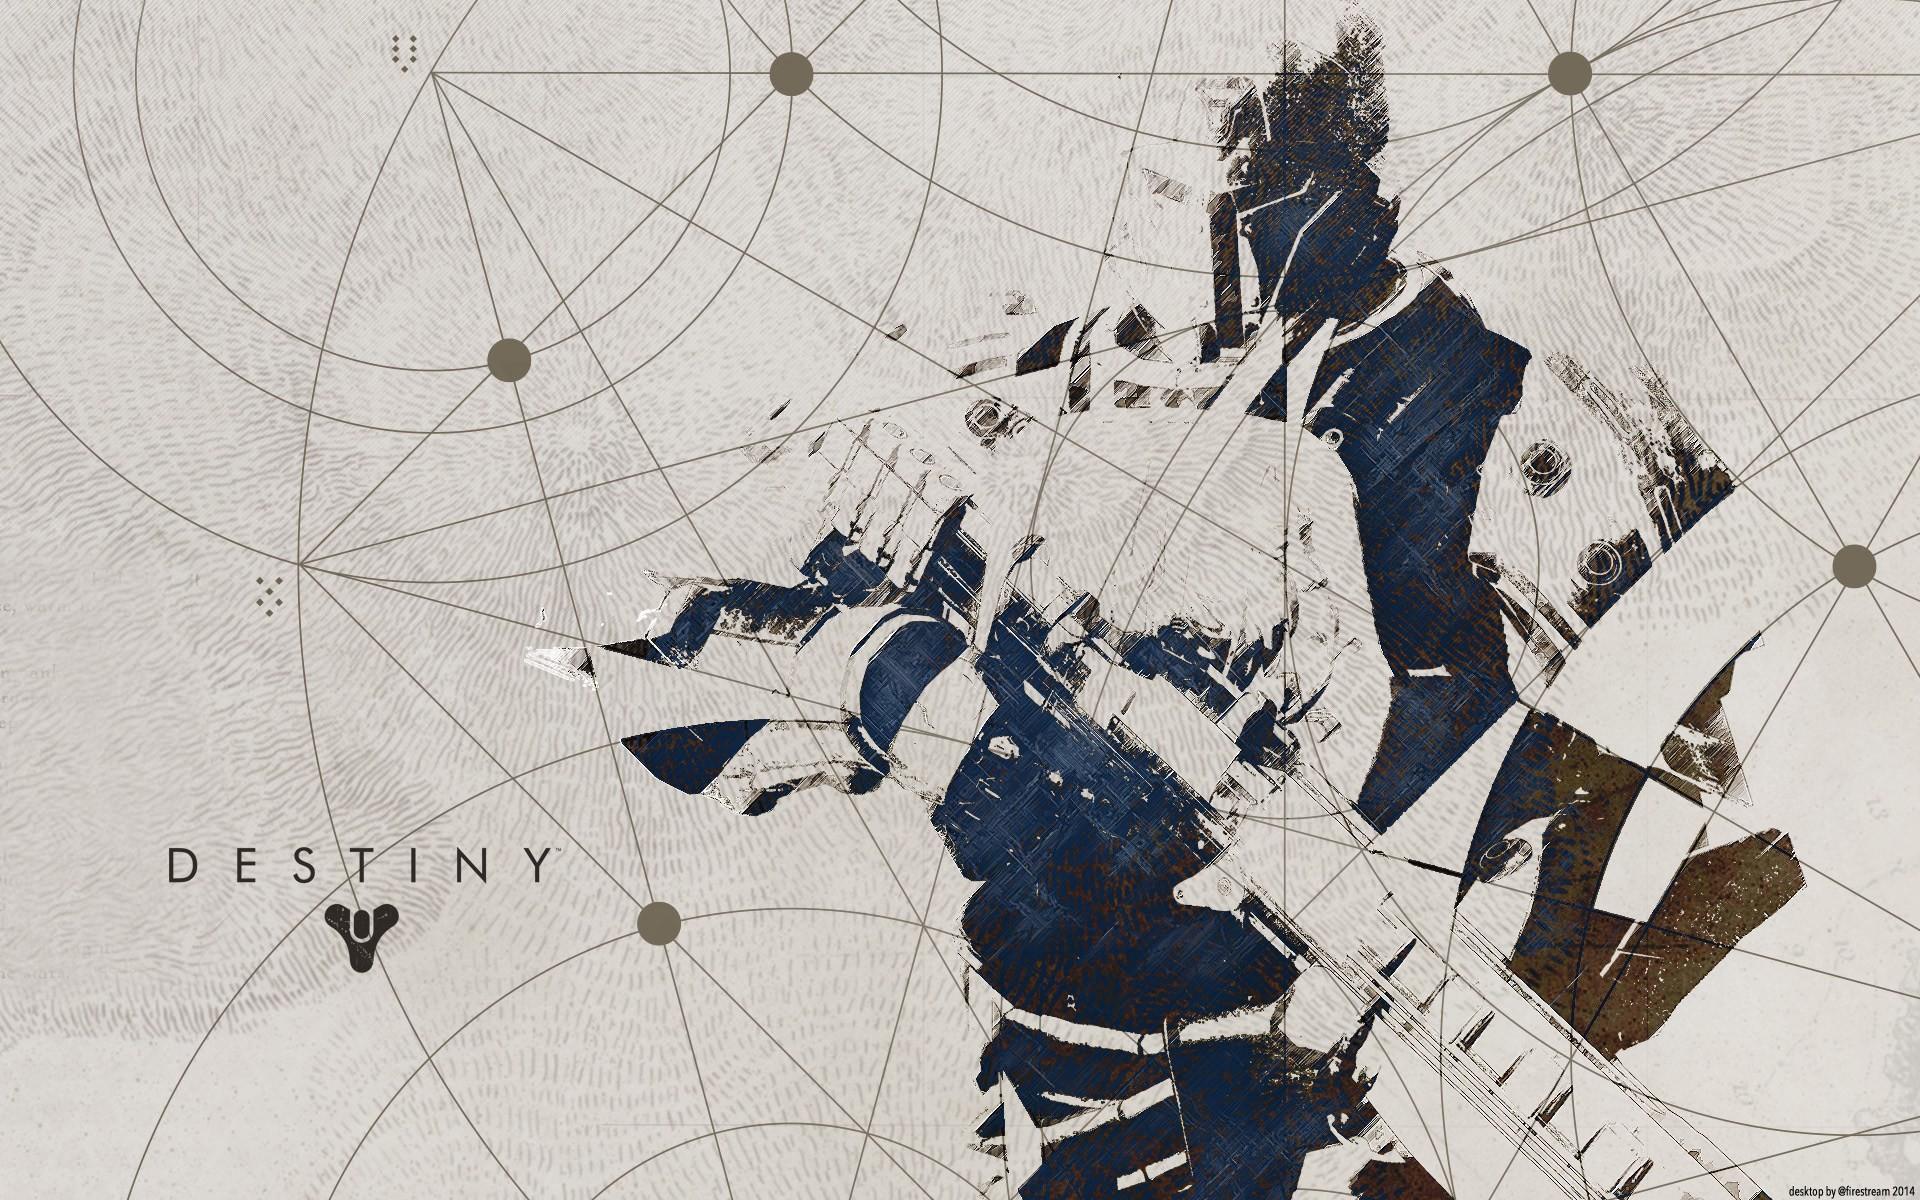 Images: Destiny Titan Wallpaper Hd